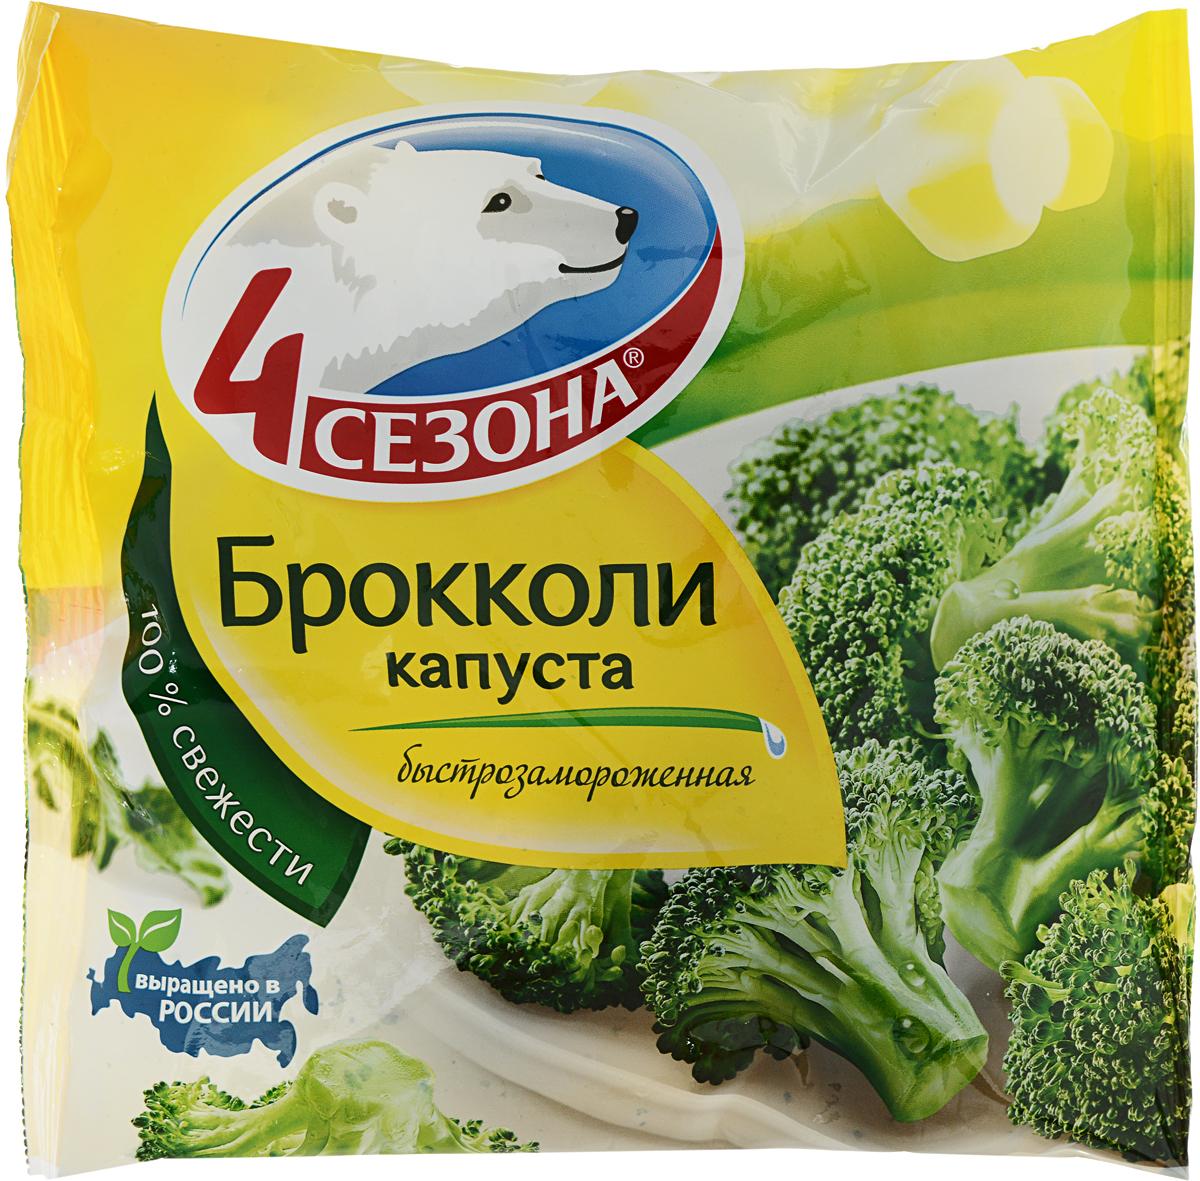 4 Сезона Капуста брокколи, 400 г3601068Брокколи 4 Сезона замороженная – это отличная начинка для пирогов, основа для салатов, мясных блюд и рагу. Благодаря технологии сухой заморозки в продукте полностью сохраняются все полезные витамины и микроэлементы.Брокколи обладает удивительно тонким, пикантным вкусом, что делает ее удачным дополнением к мясным и рыбным блюдам. Приготовление брокколи замороженной не займет больше 10-15 минут. На сайте представлено множество вкусных и простых рецептов приготовления замороженной брокколи, которые позволят вам лакомиться круглый год полезной пищей!Когда не хочется долго стоять у плиты, но при этом есть желание удивить своих домочадцев оригинальным и ароматным блюдом – приходит на помощь замороженная смесь от ТМ «4 Сезона». Берите на вооружение рецепты с брокколи и радуйте своих домашних вкусными яствами!